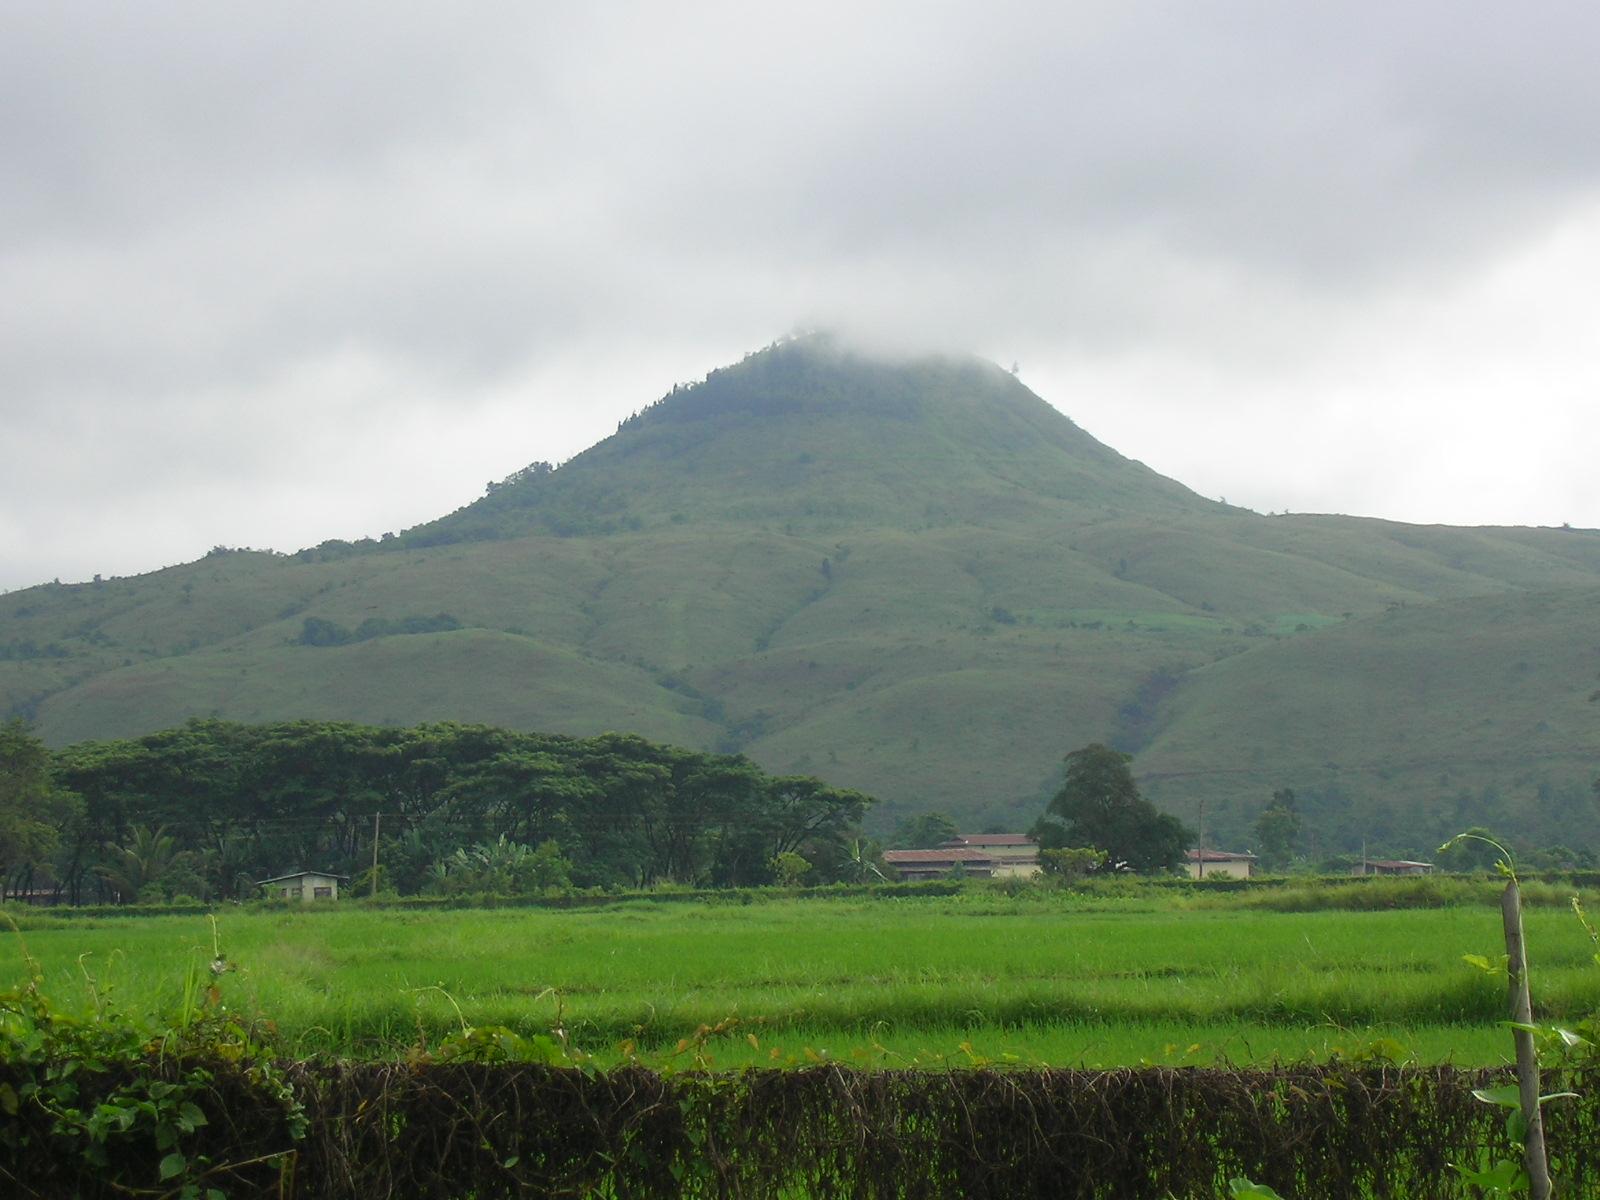 Musuan Peak - Maramag, Bukidnon